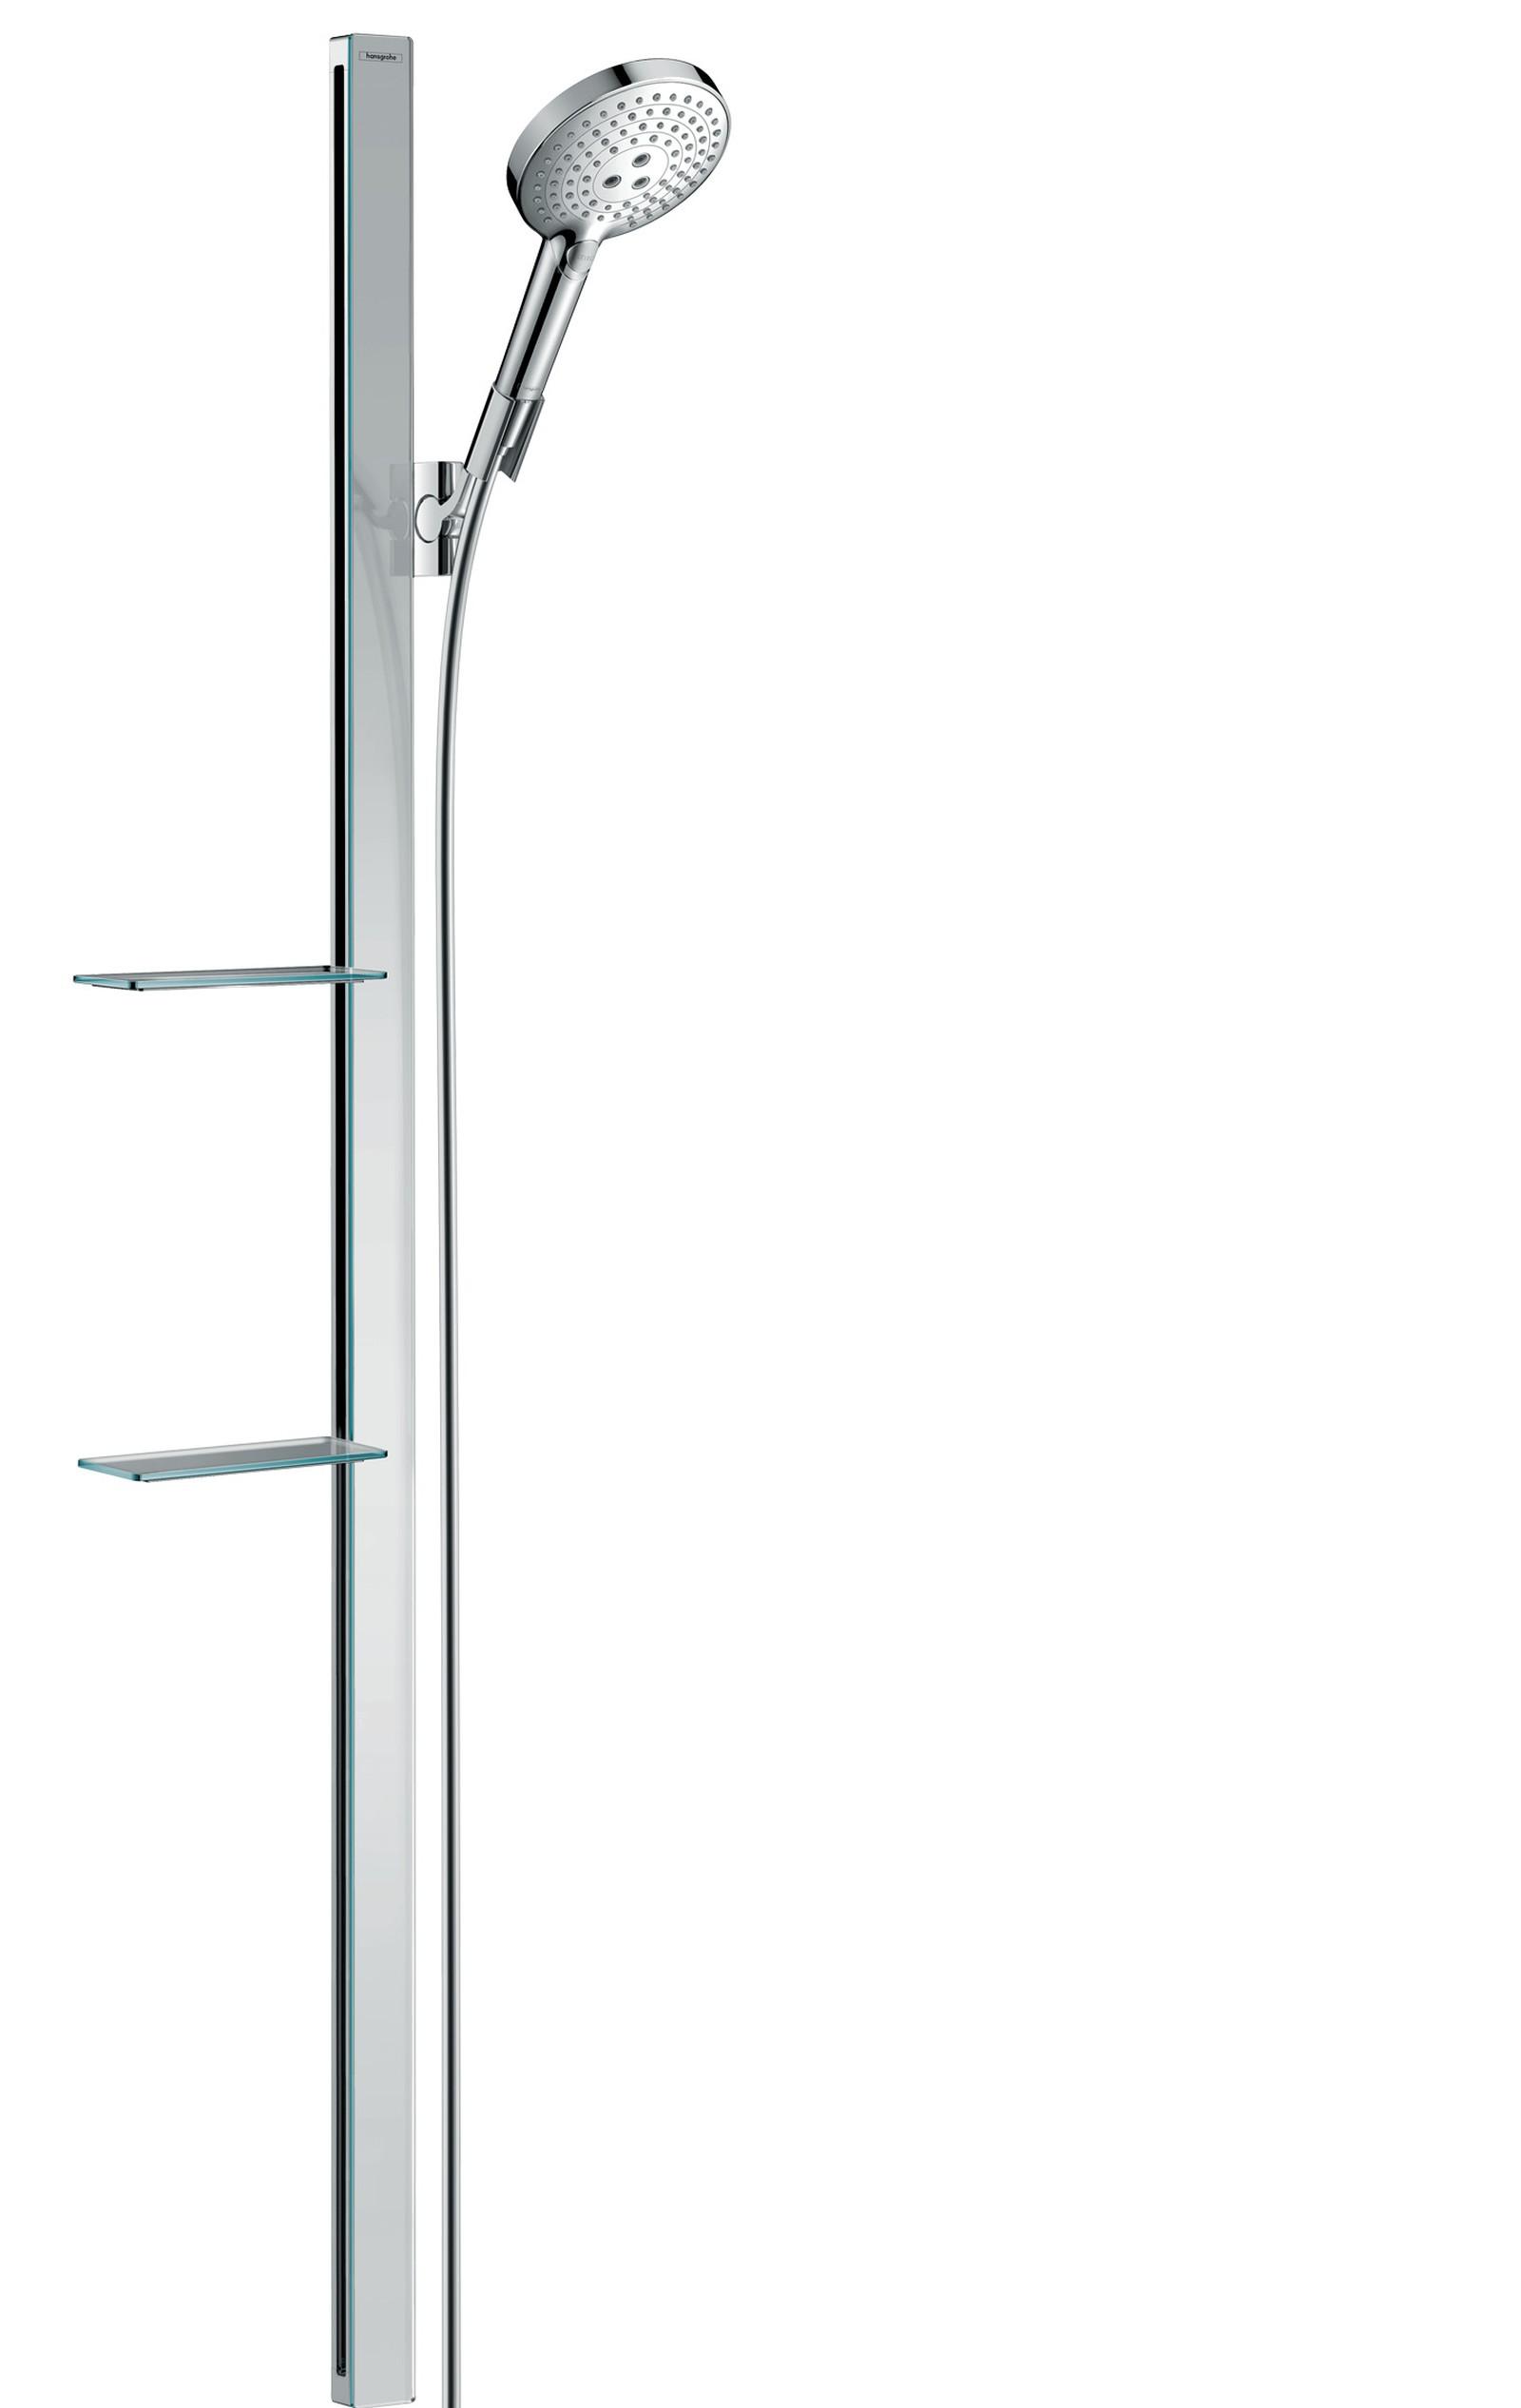 HG Brausenset Raindance Select S 120